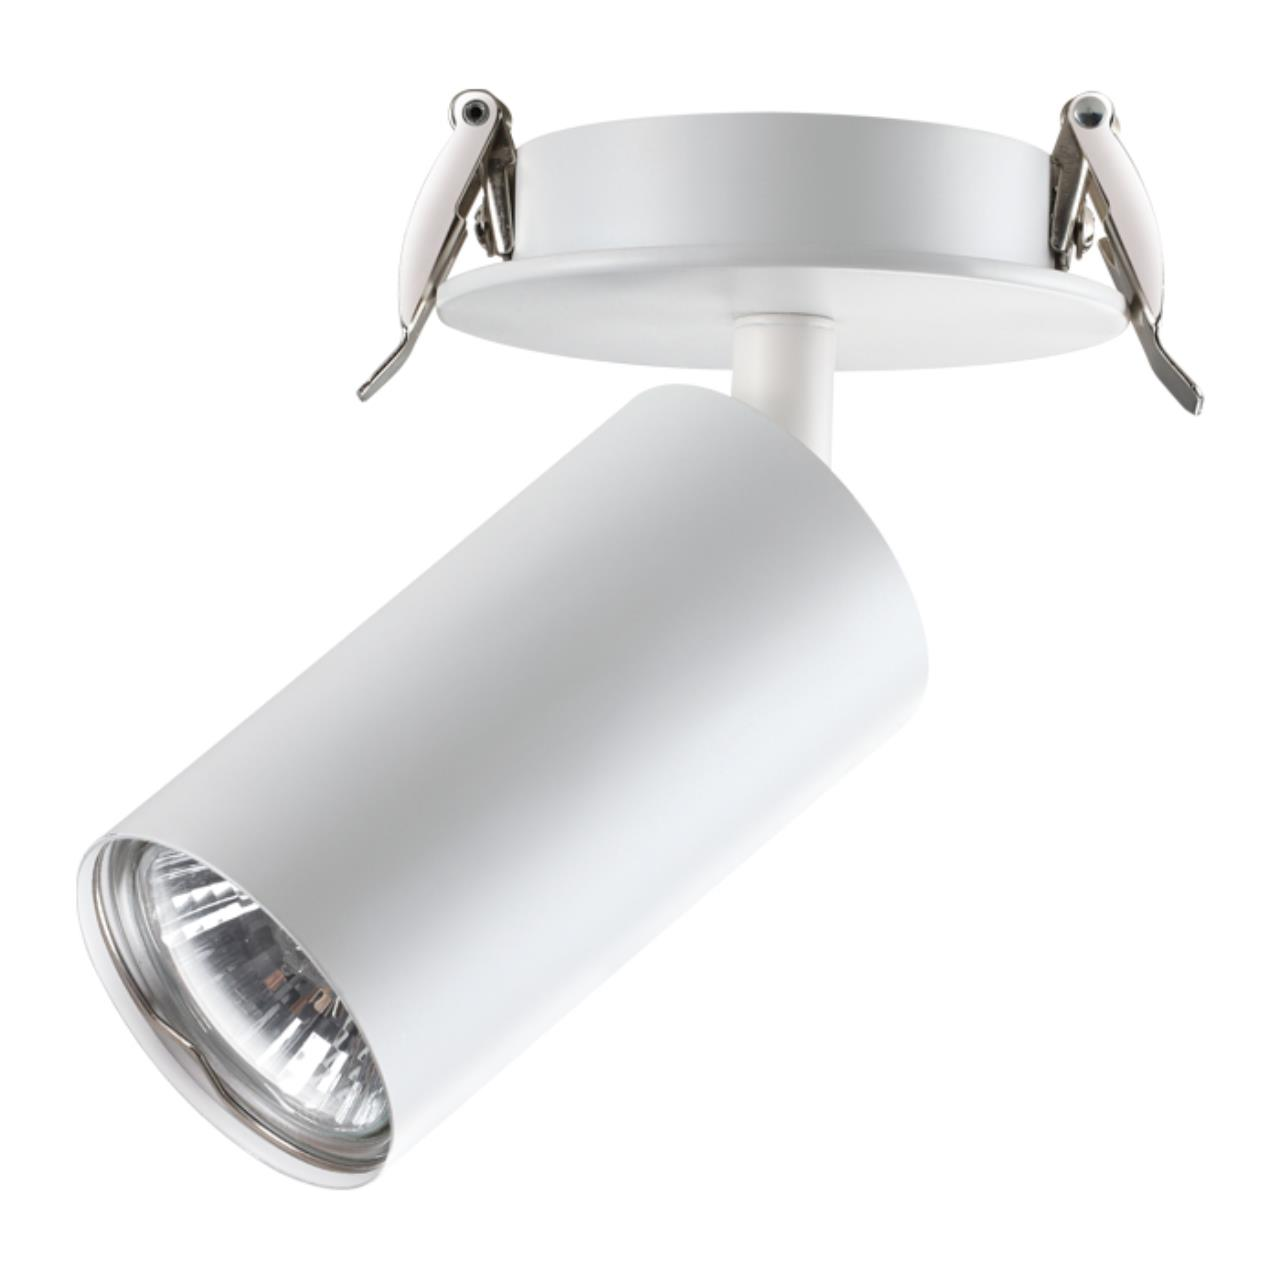 370393 SPOT NT18 101 белый Встраиваемый светильник IP20 GU10 50W 220V PIPE